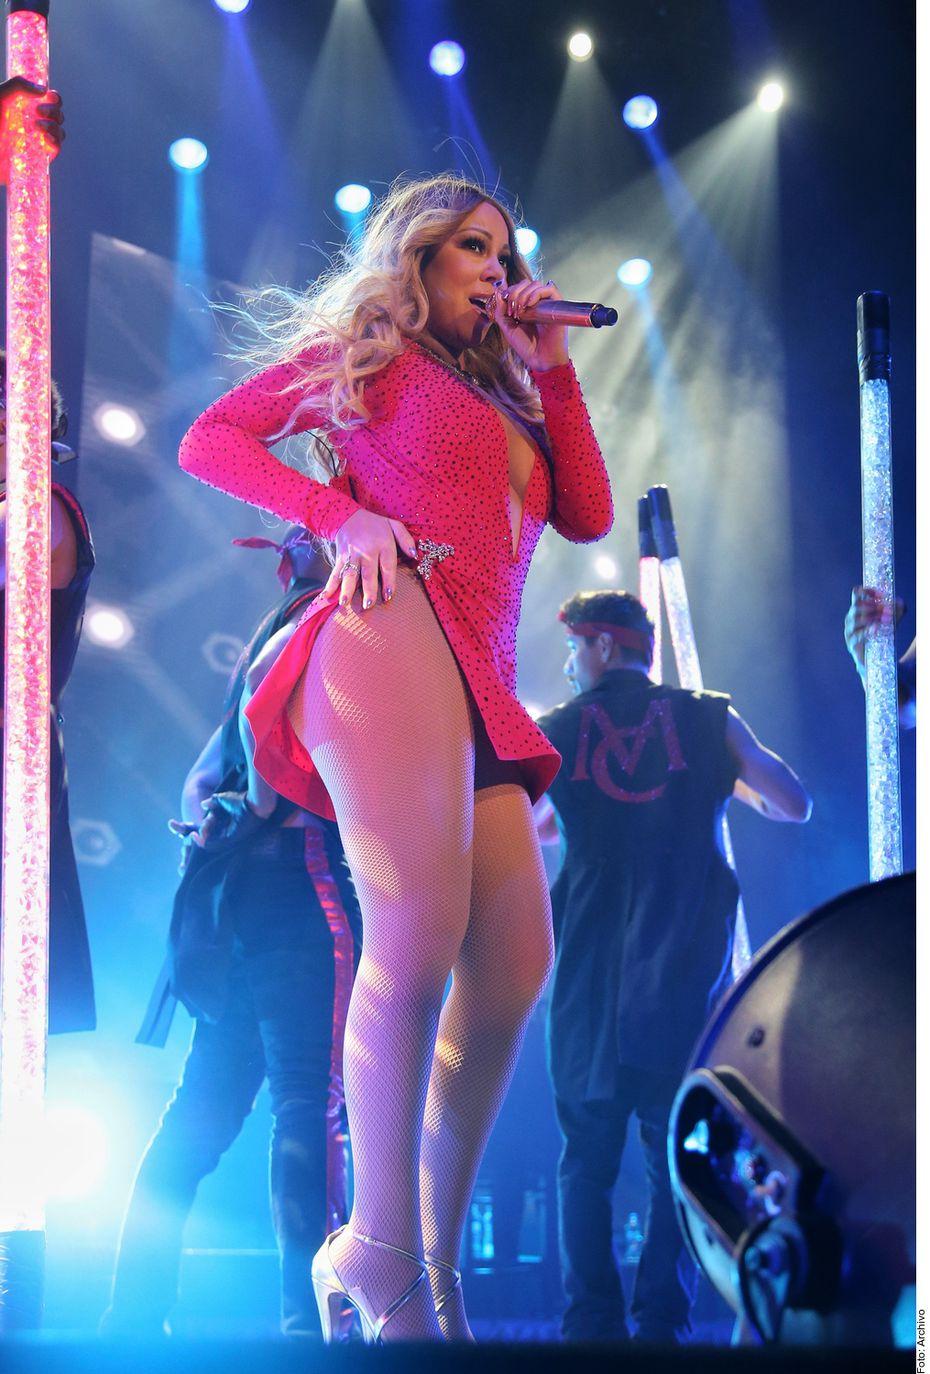 Cantante, compositora, productora y actriz, Mariah Carey saltó a la fama con tan sólo 20 años, cuando su disco homónimo llegó a las listas de popularidad en 1990, con una capacidad para mezclar el pop con R&B y hip hop.